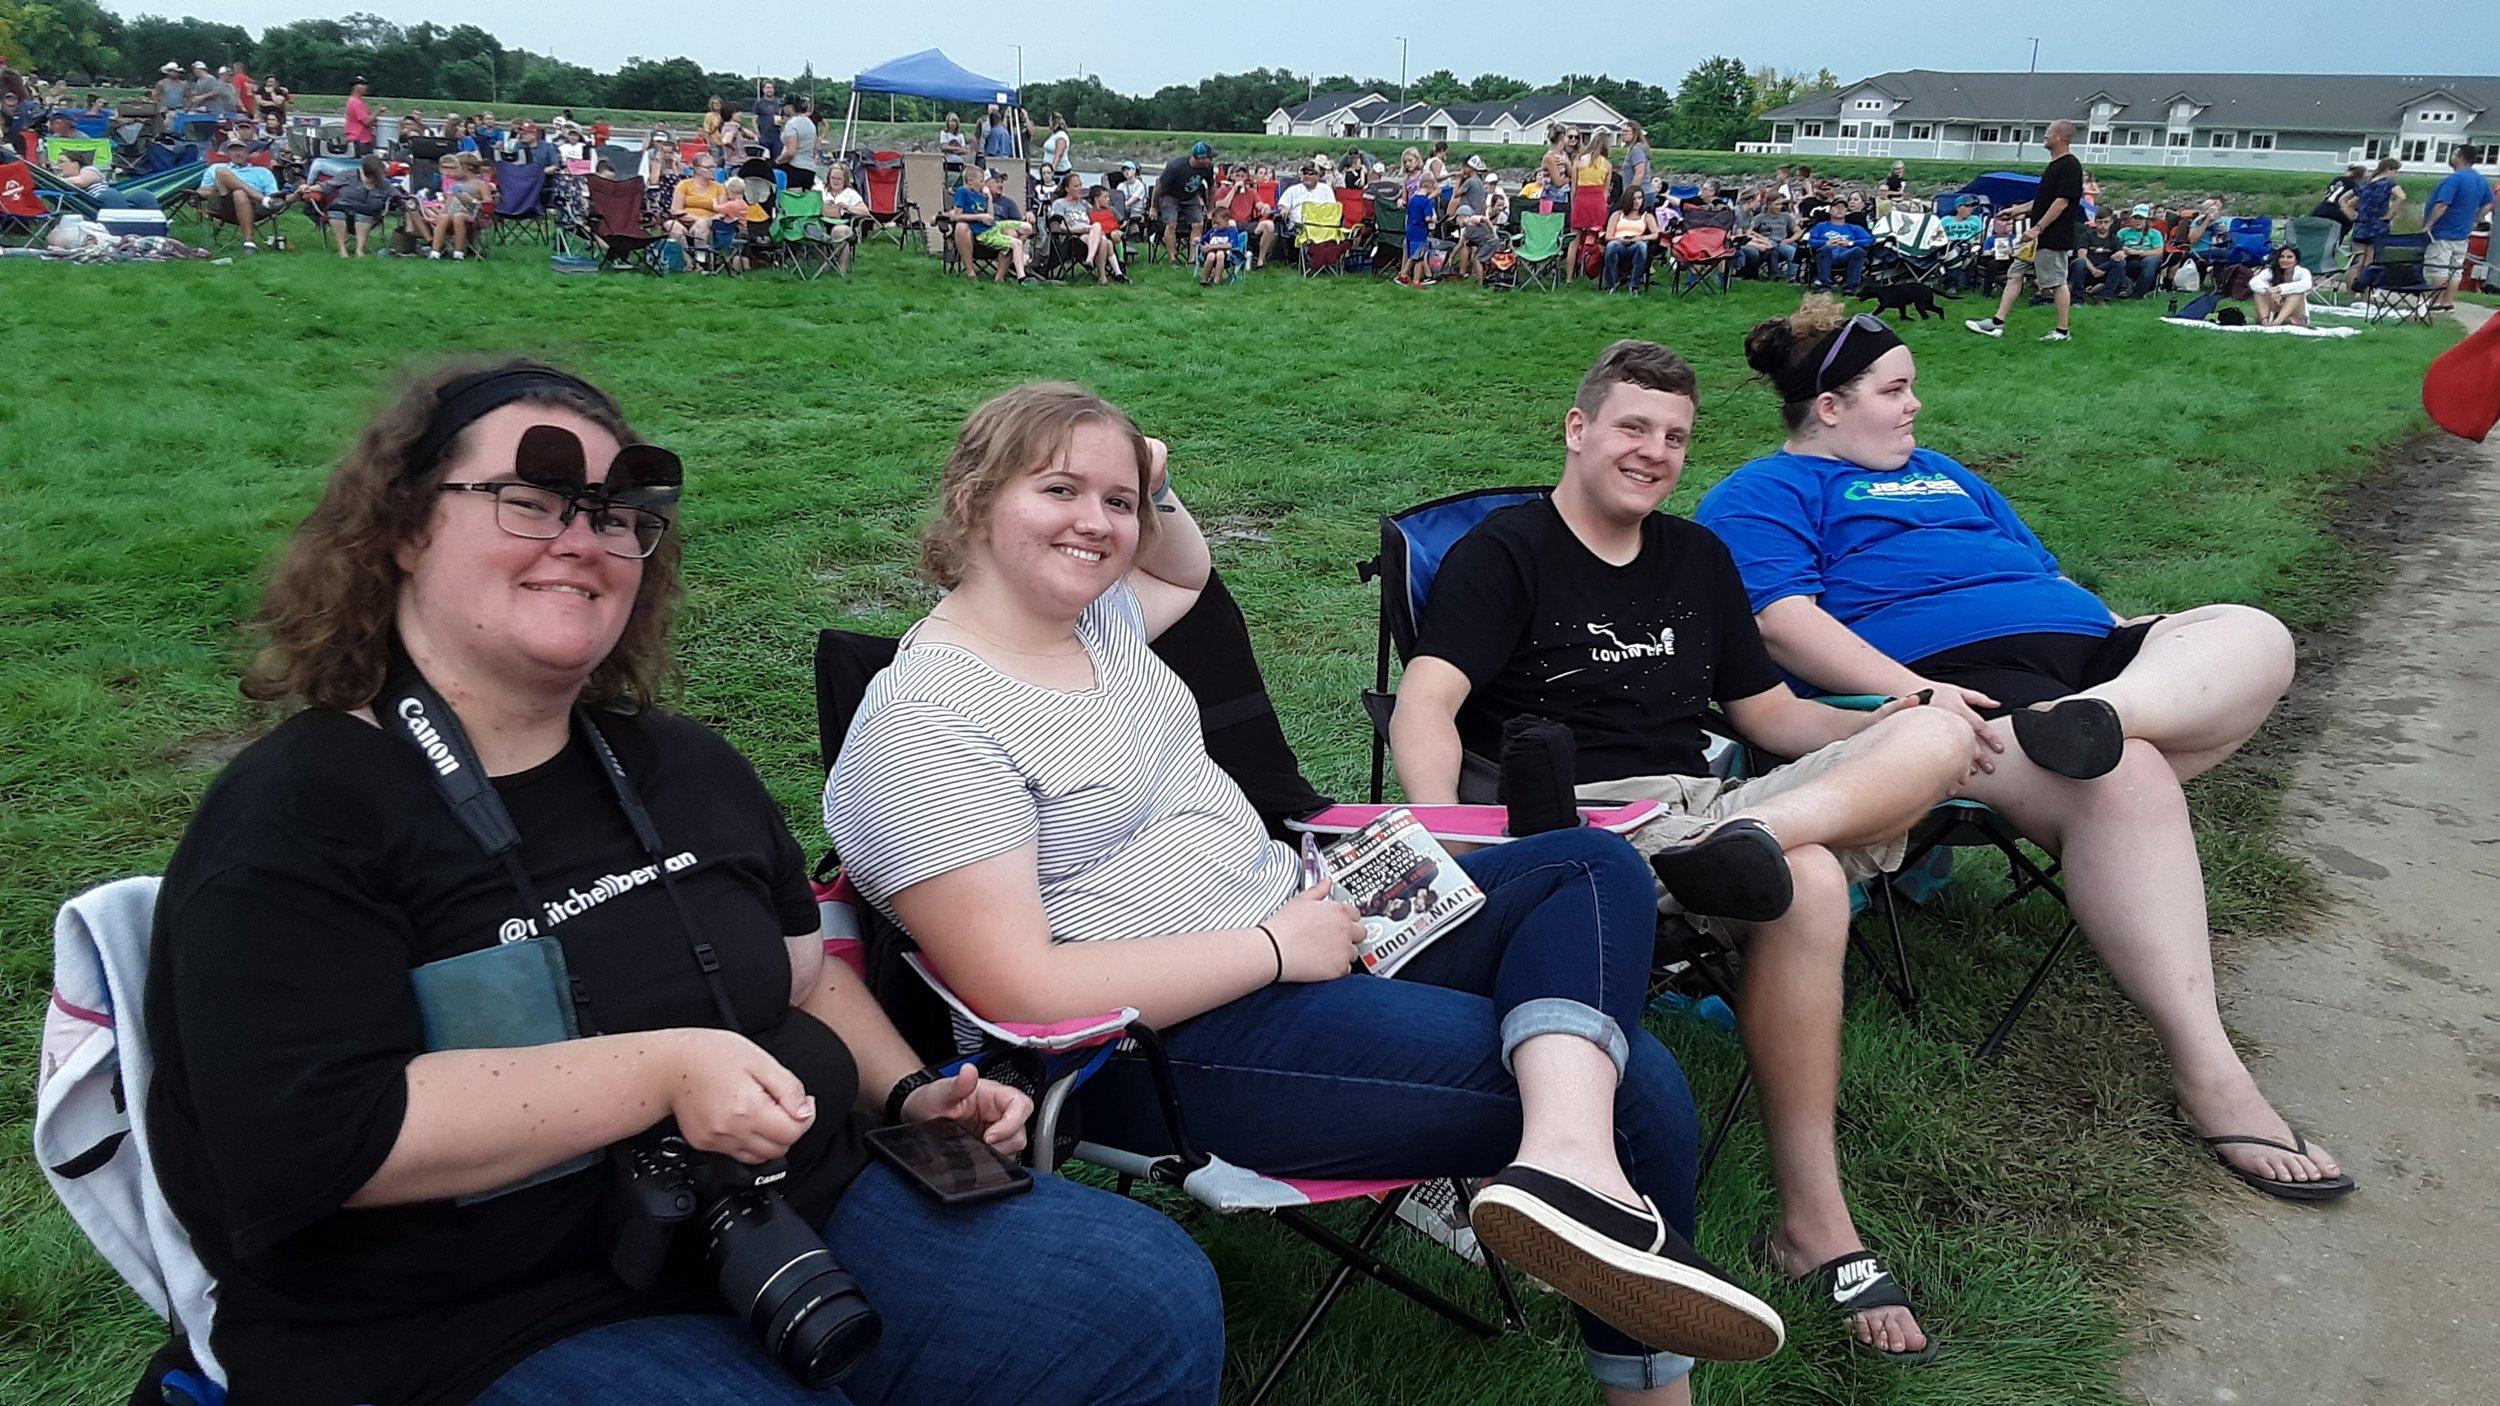 Concert goers (Mitchell Berean) .jpg